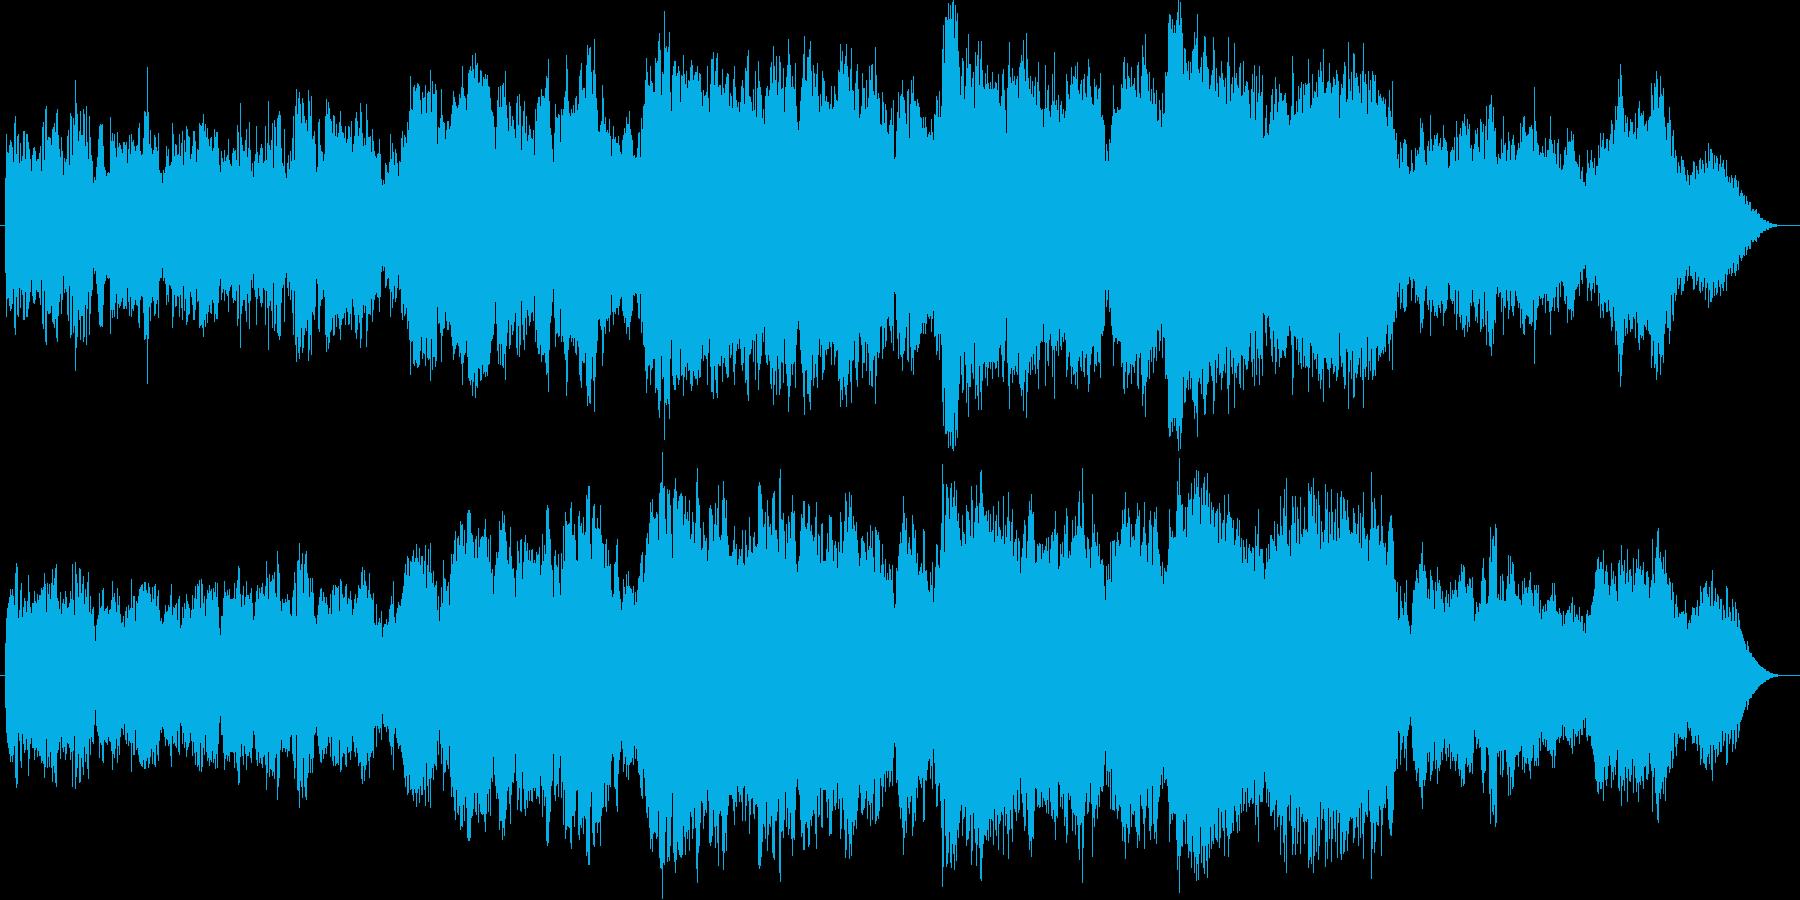 どこか懐かしい気持ちにさせる一曲です。の再生済みの波形